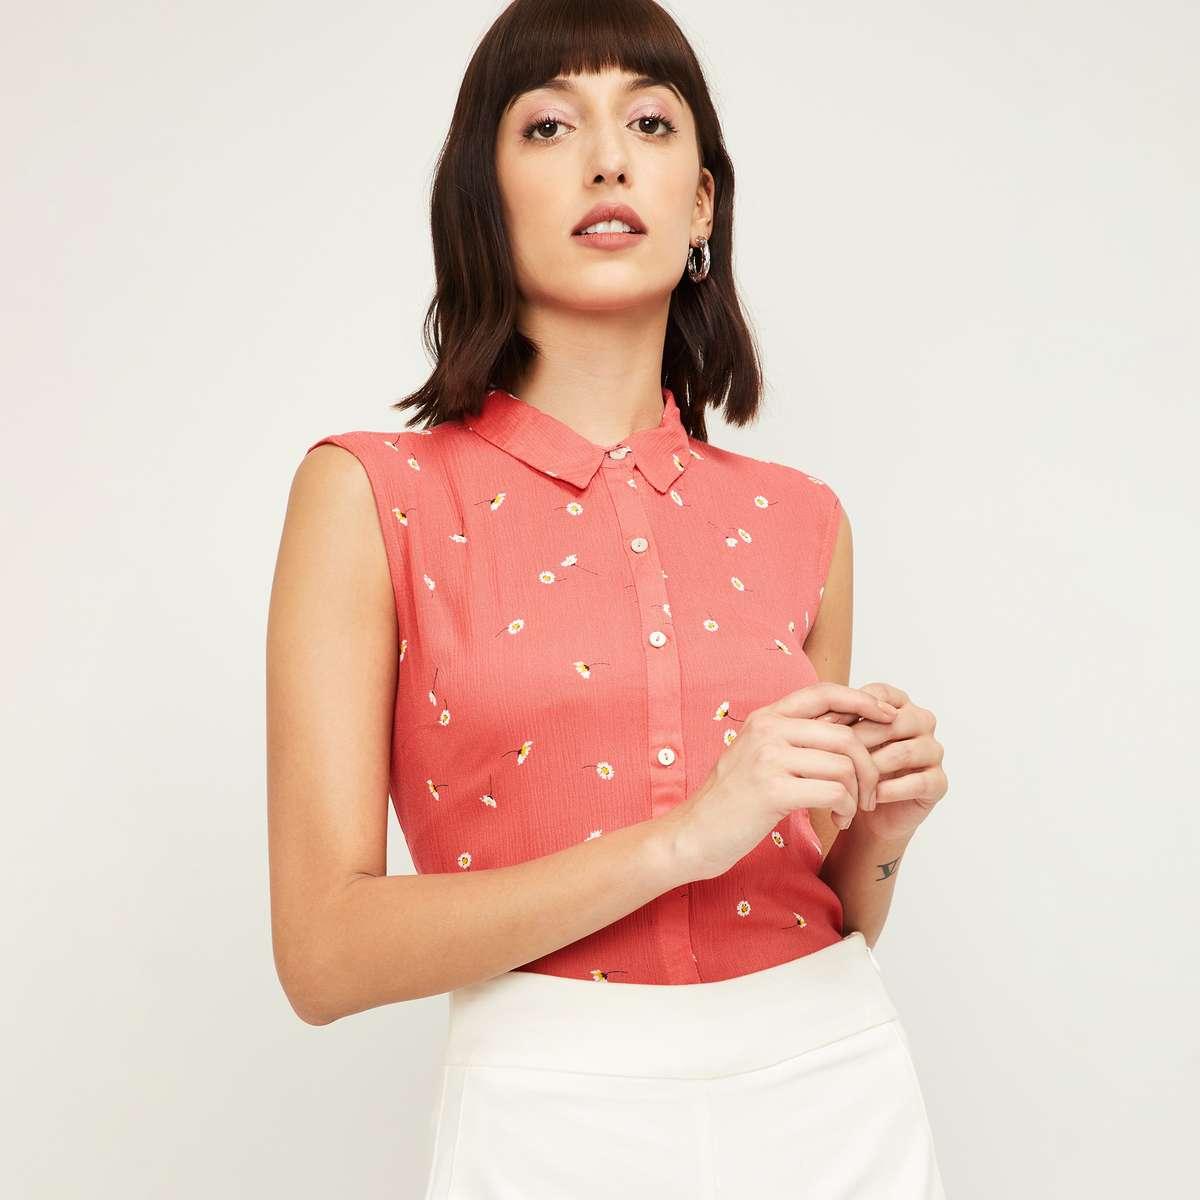 5.BOSSINI Women Printed Sleeveless Shirt